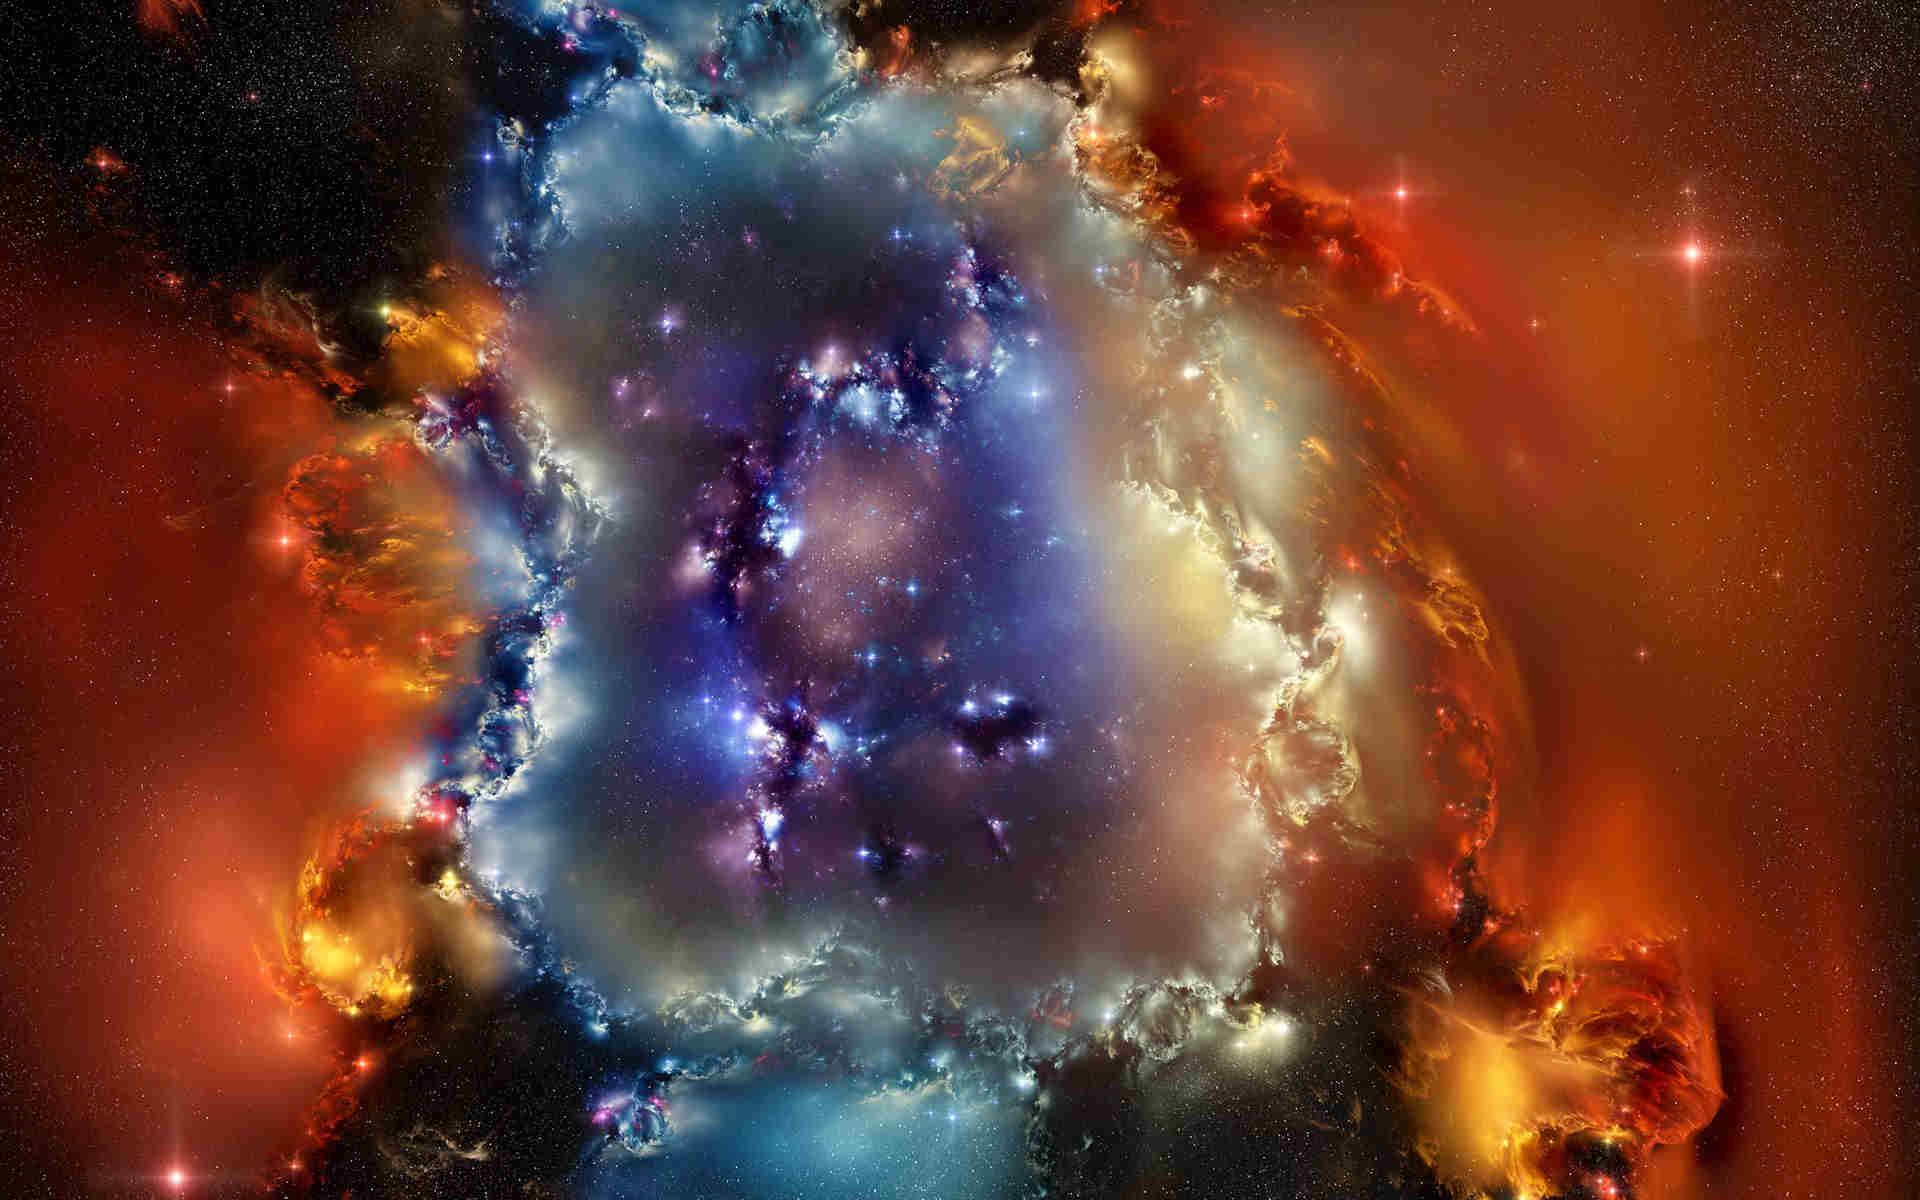 Amazing Nebula Wallpaper